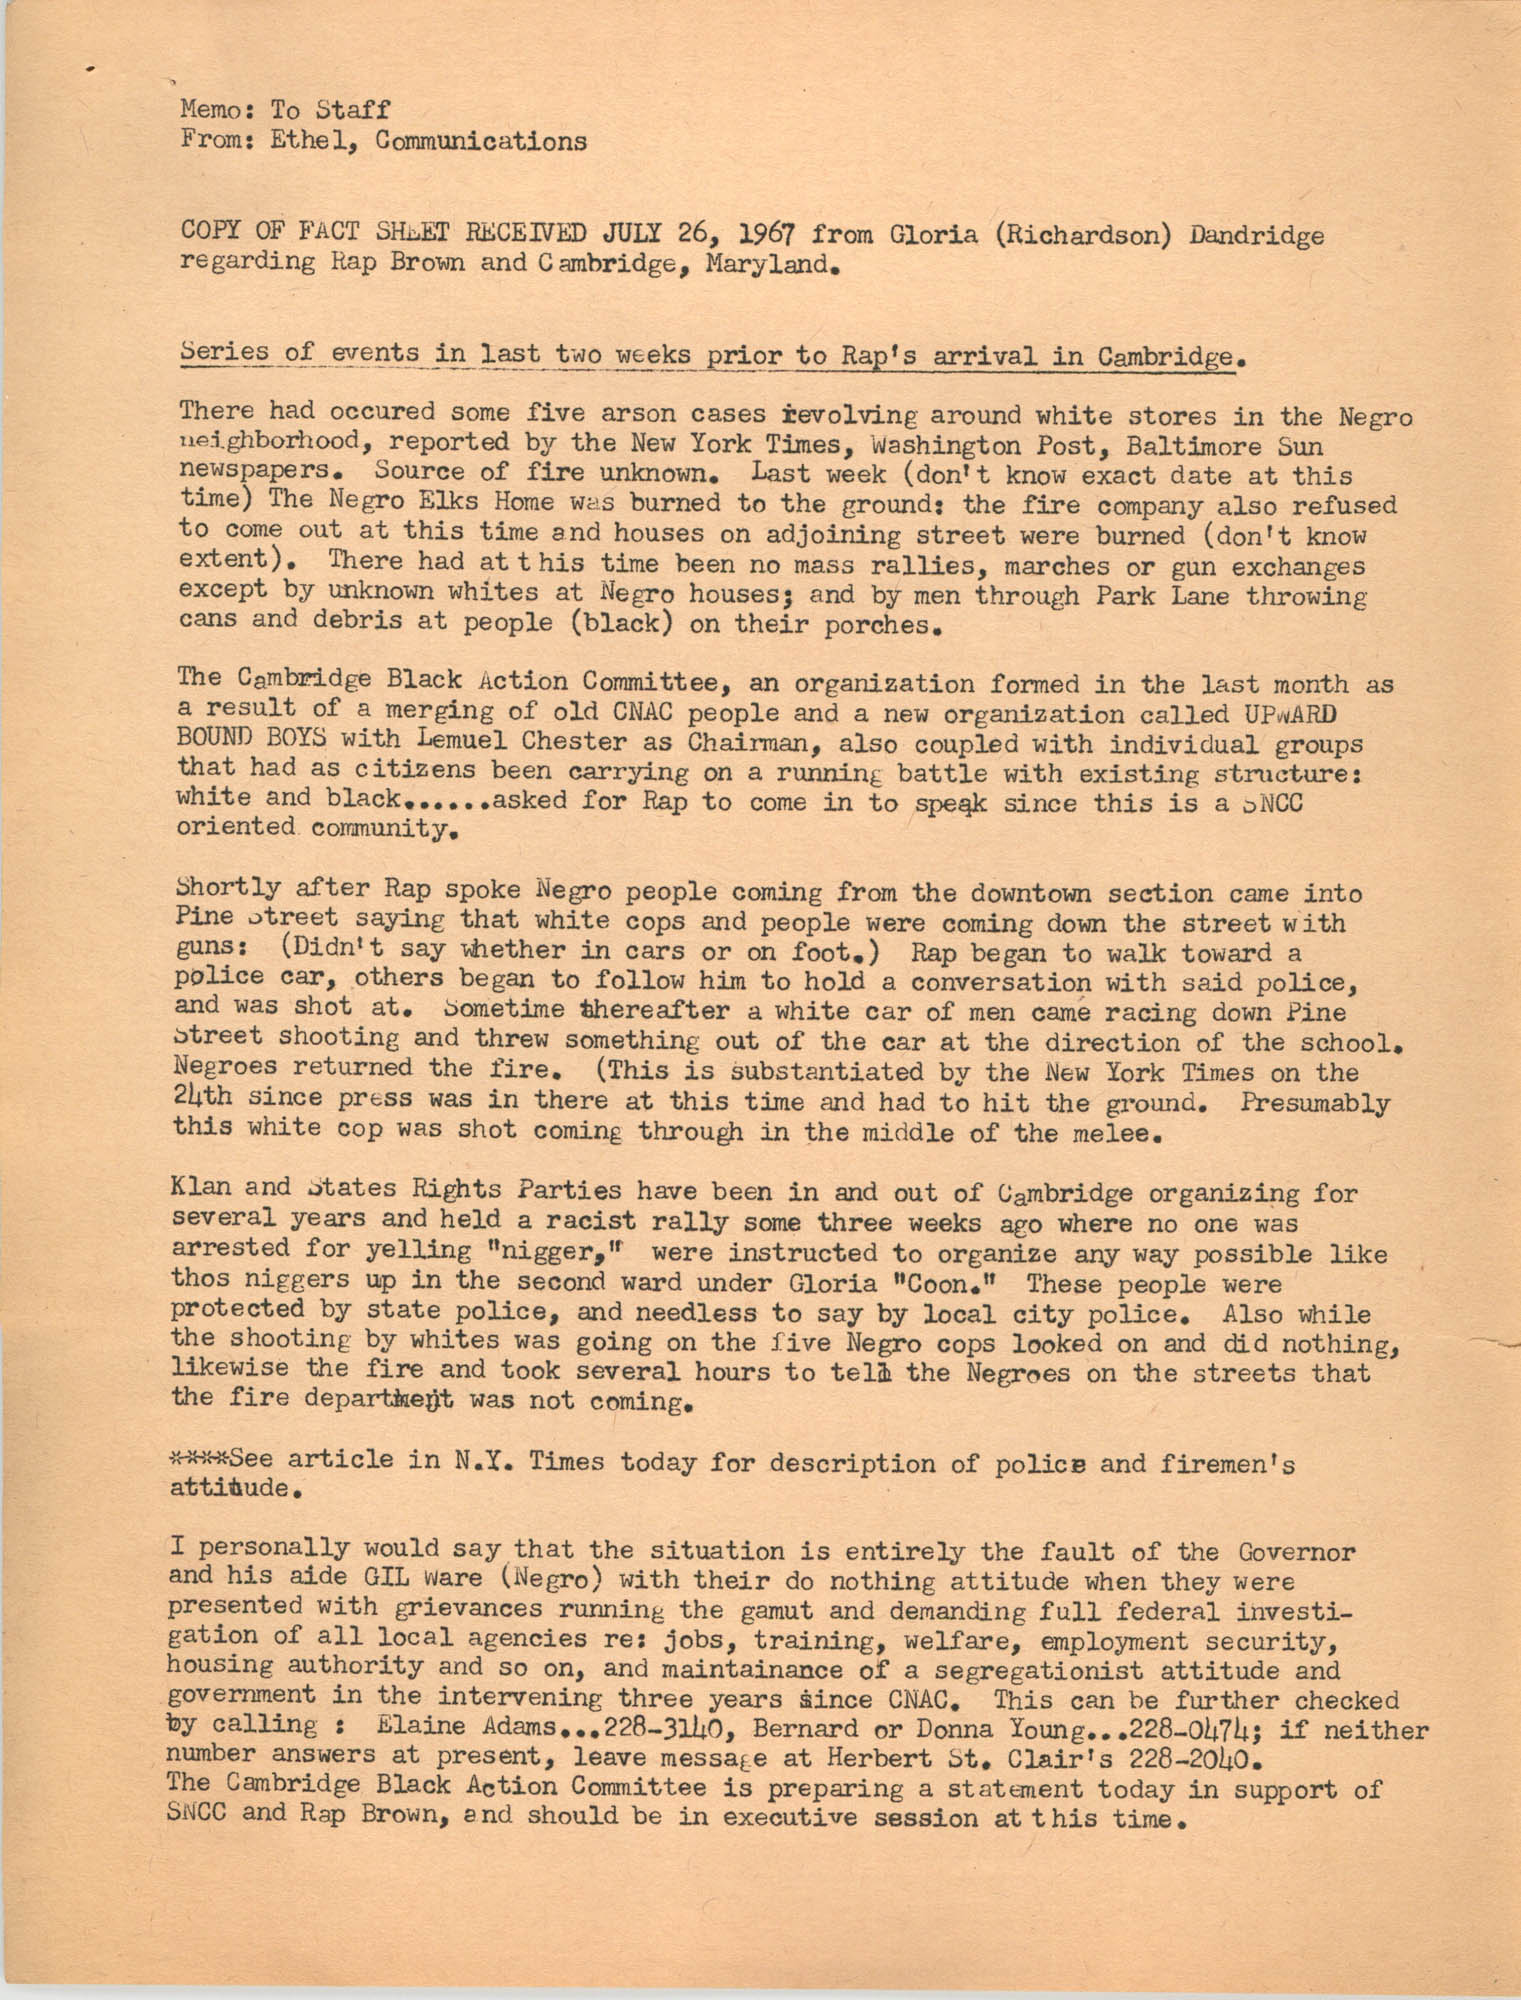 Memorandum regarding Rap Brown, July 26, 1967